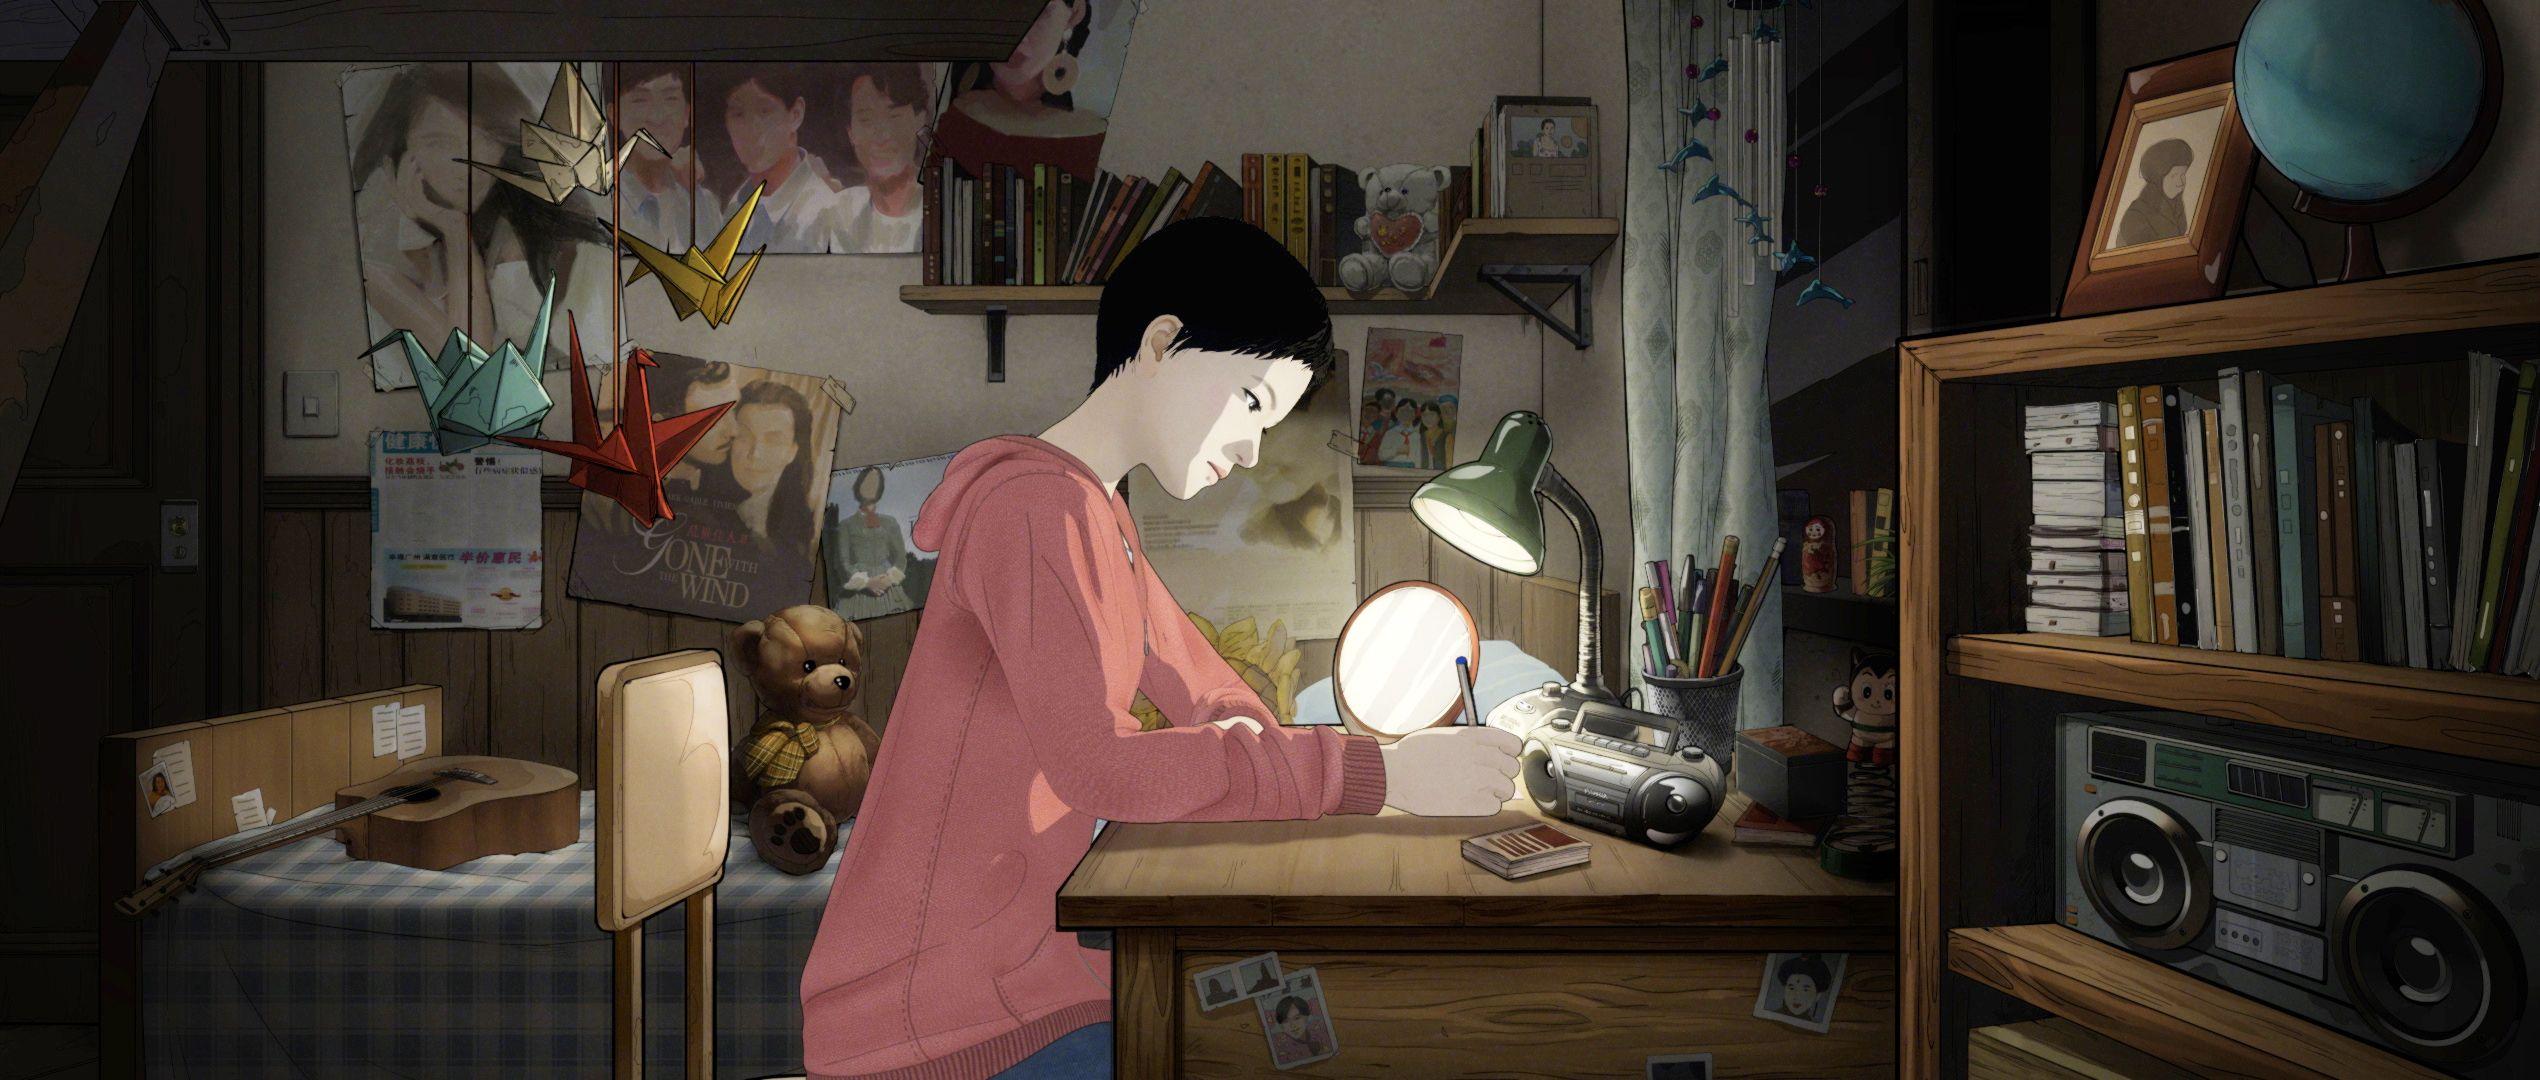 新唐人將推出首部動畫紀錄片「扶搖直上」